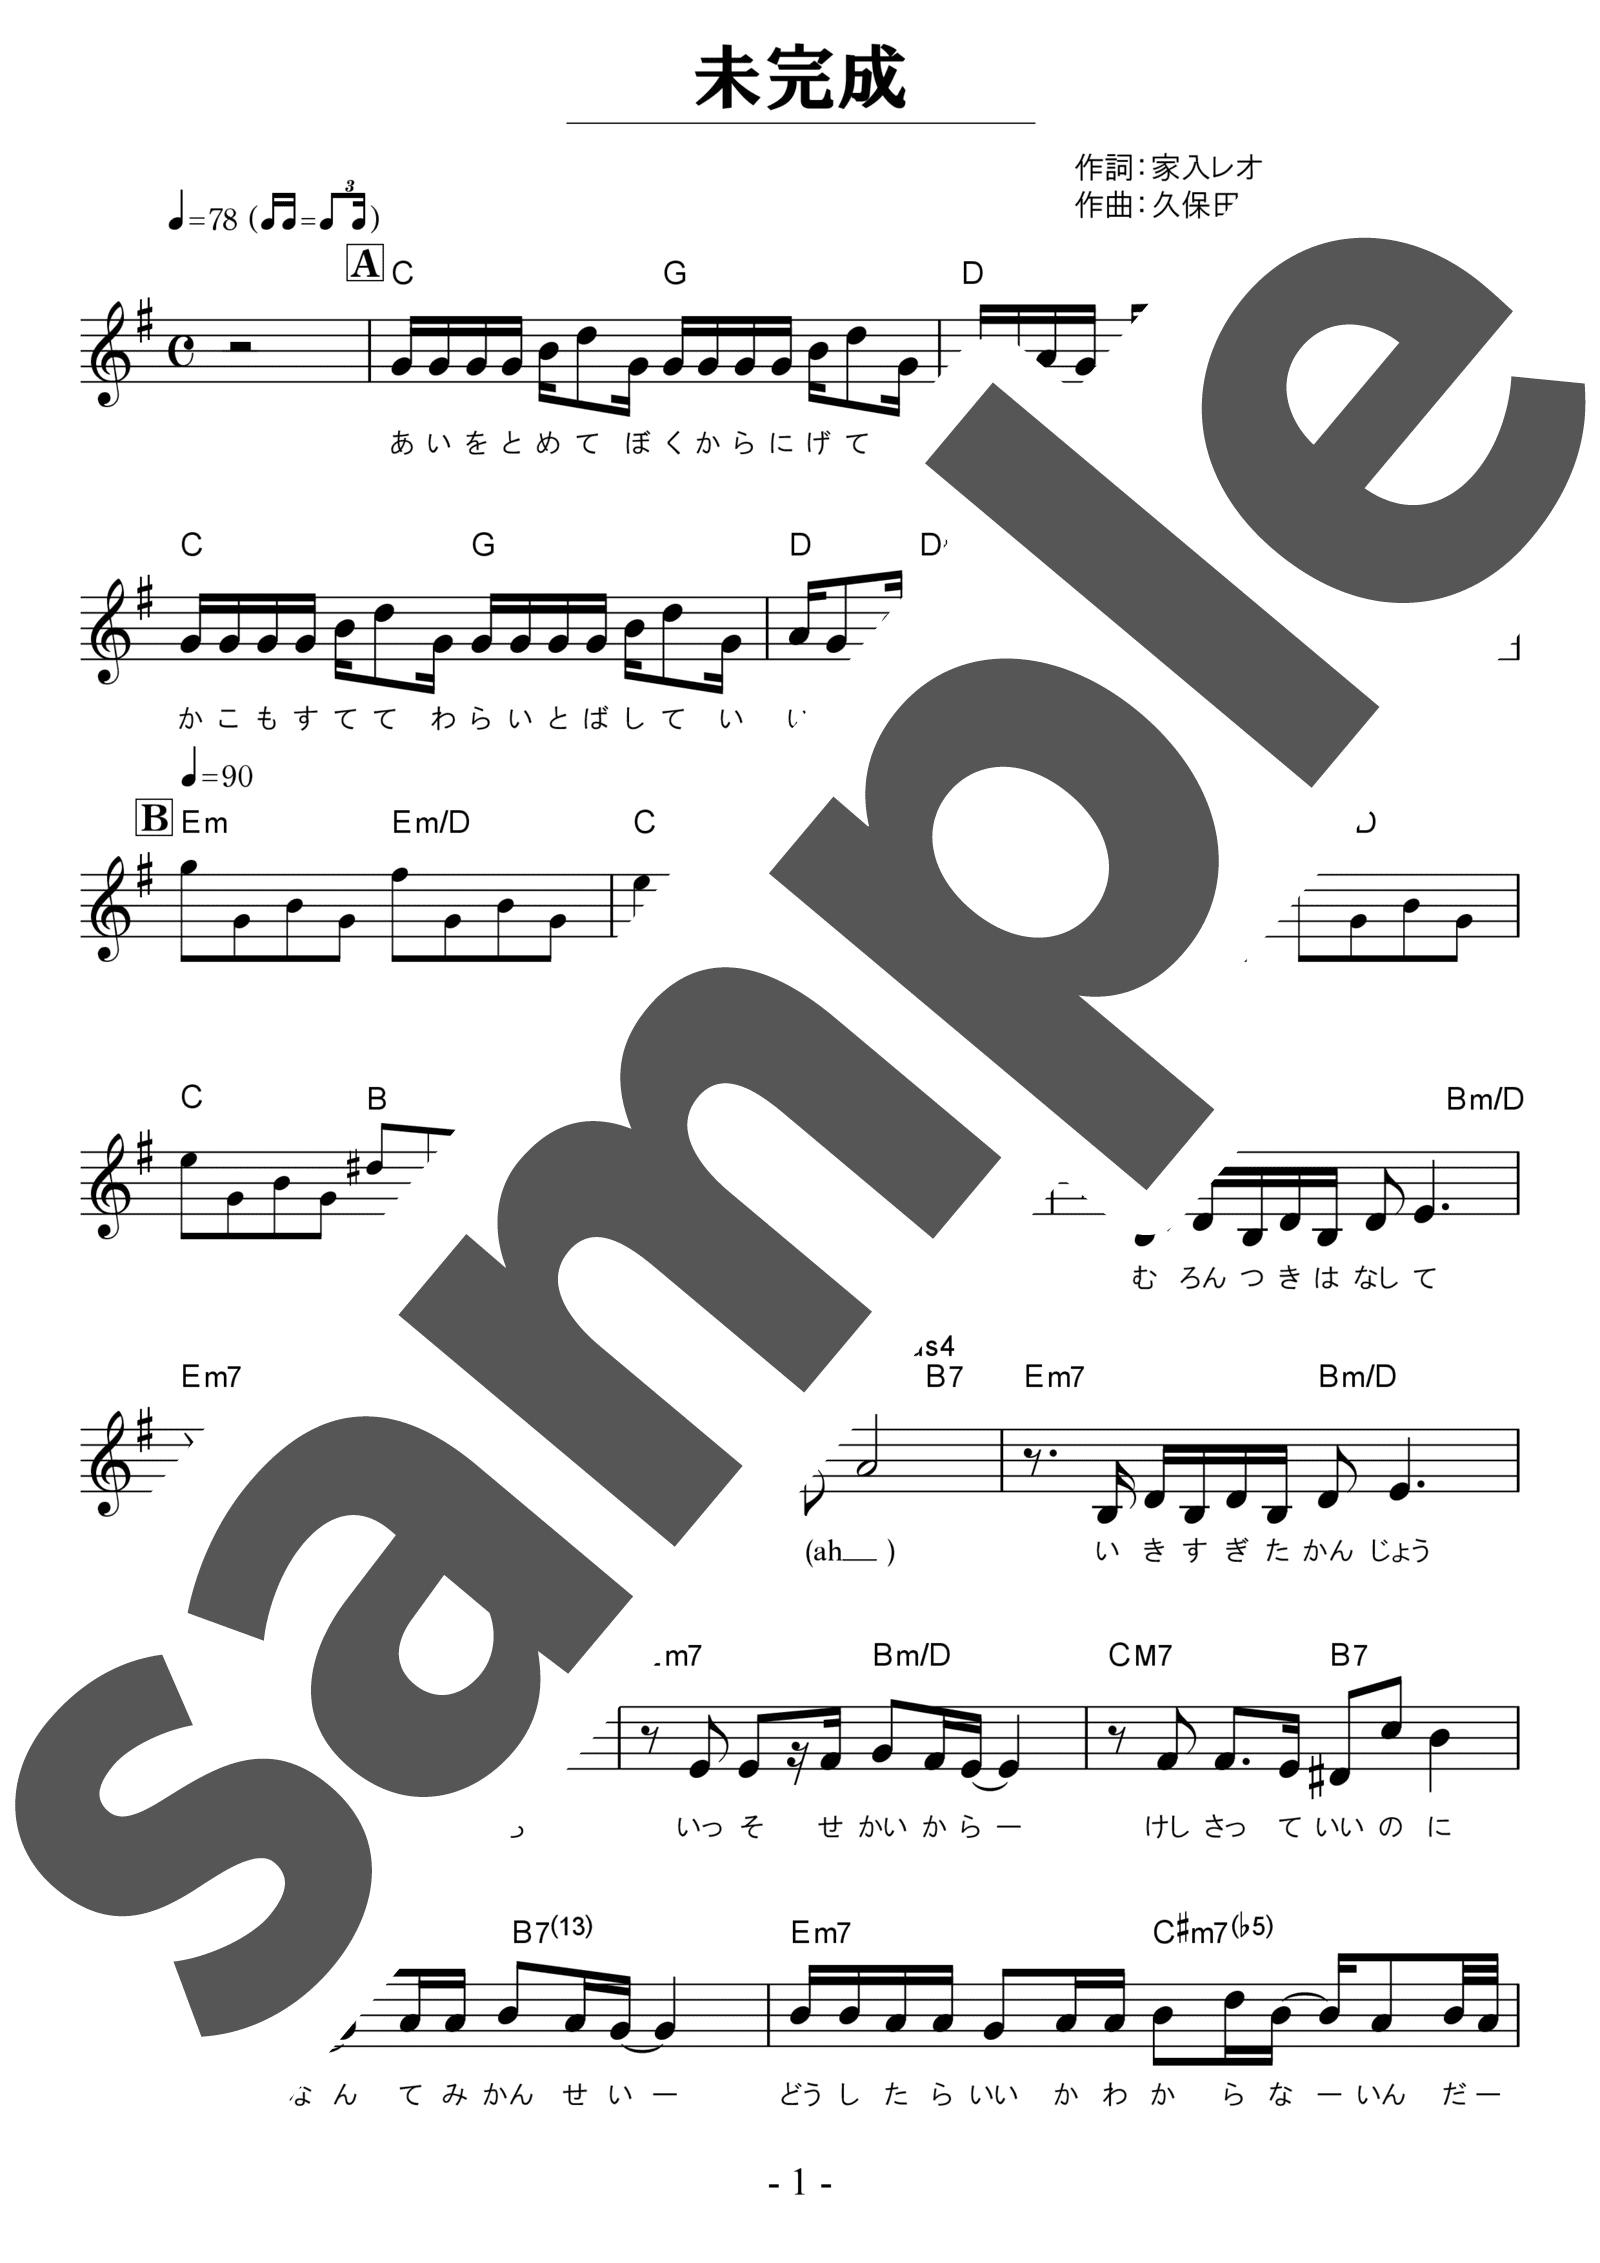 「未完成」のサンプル楽譜